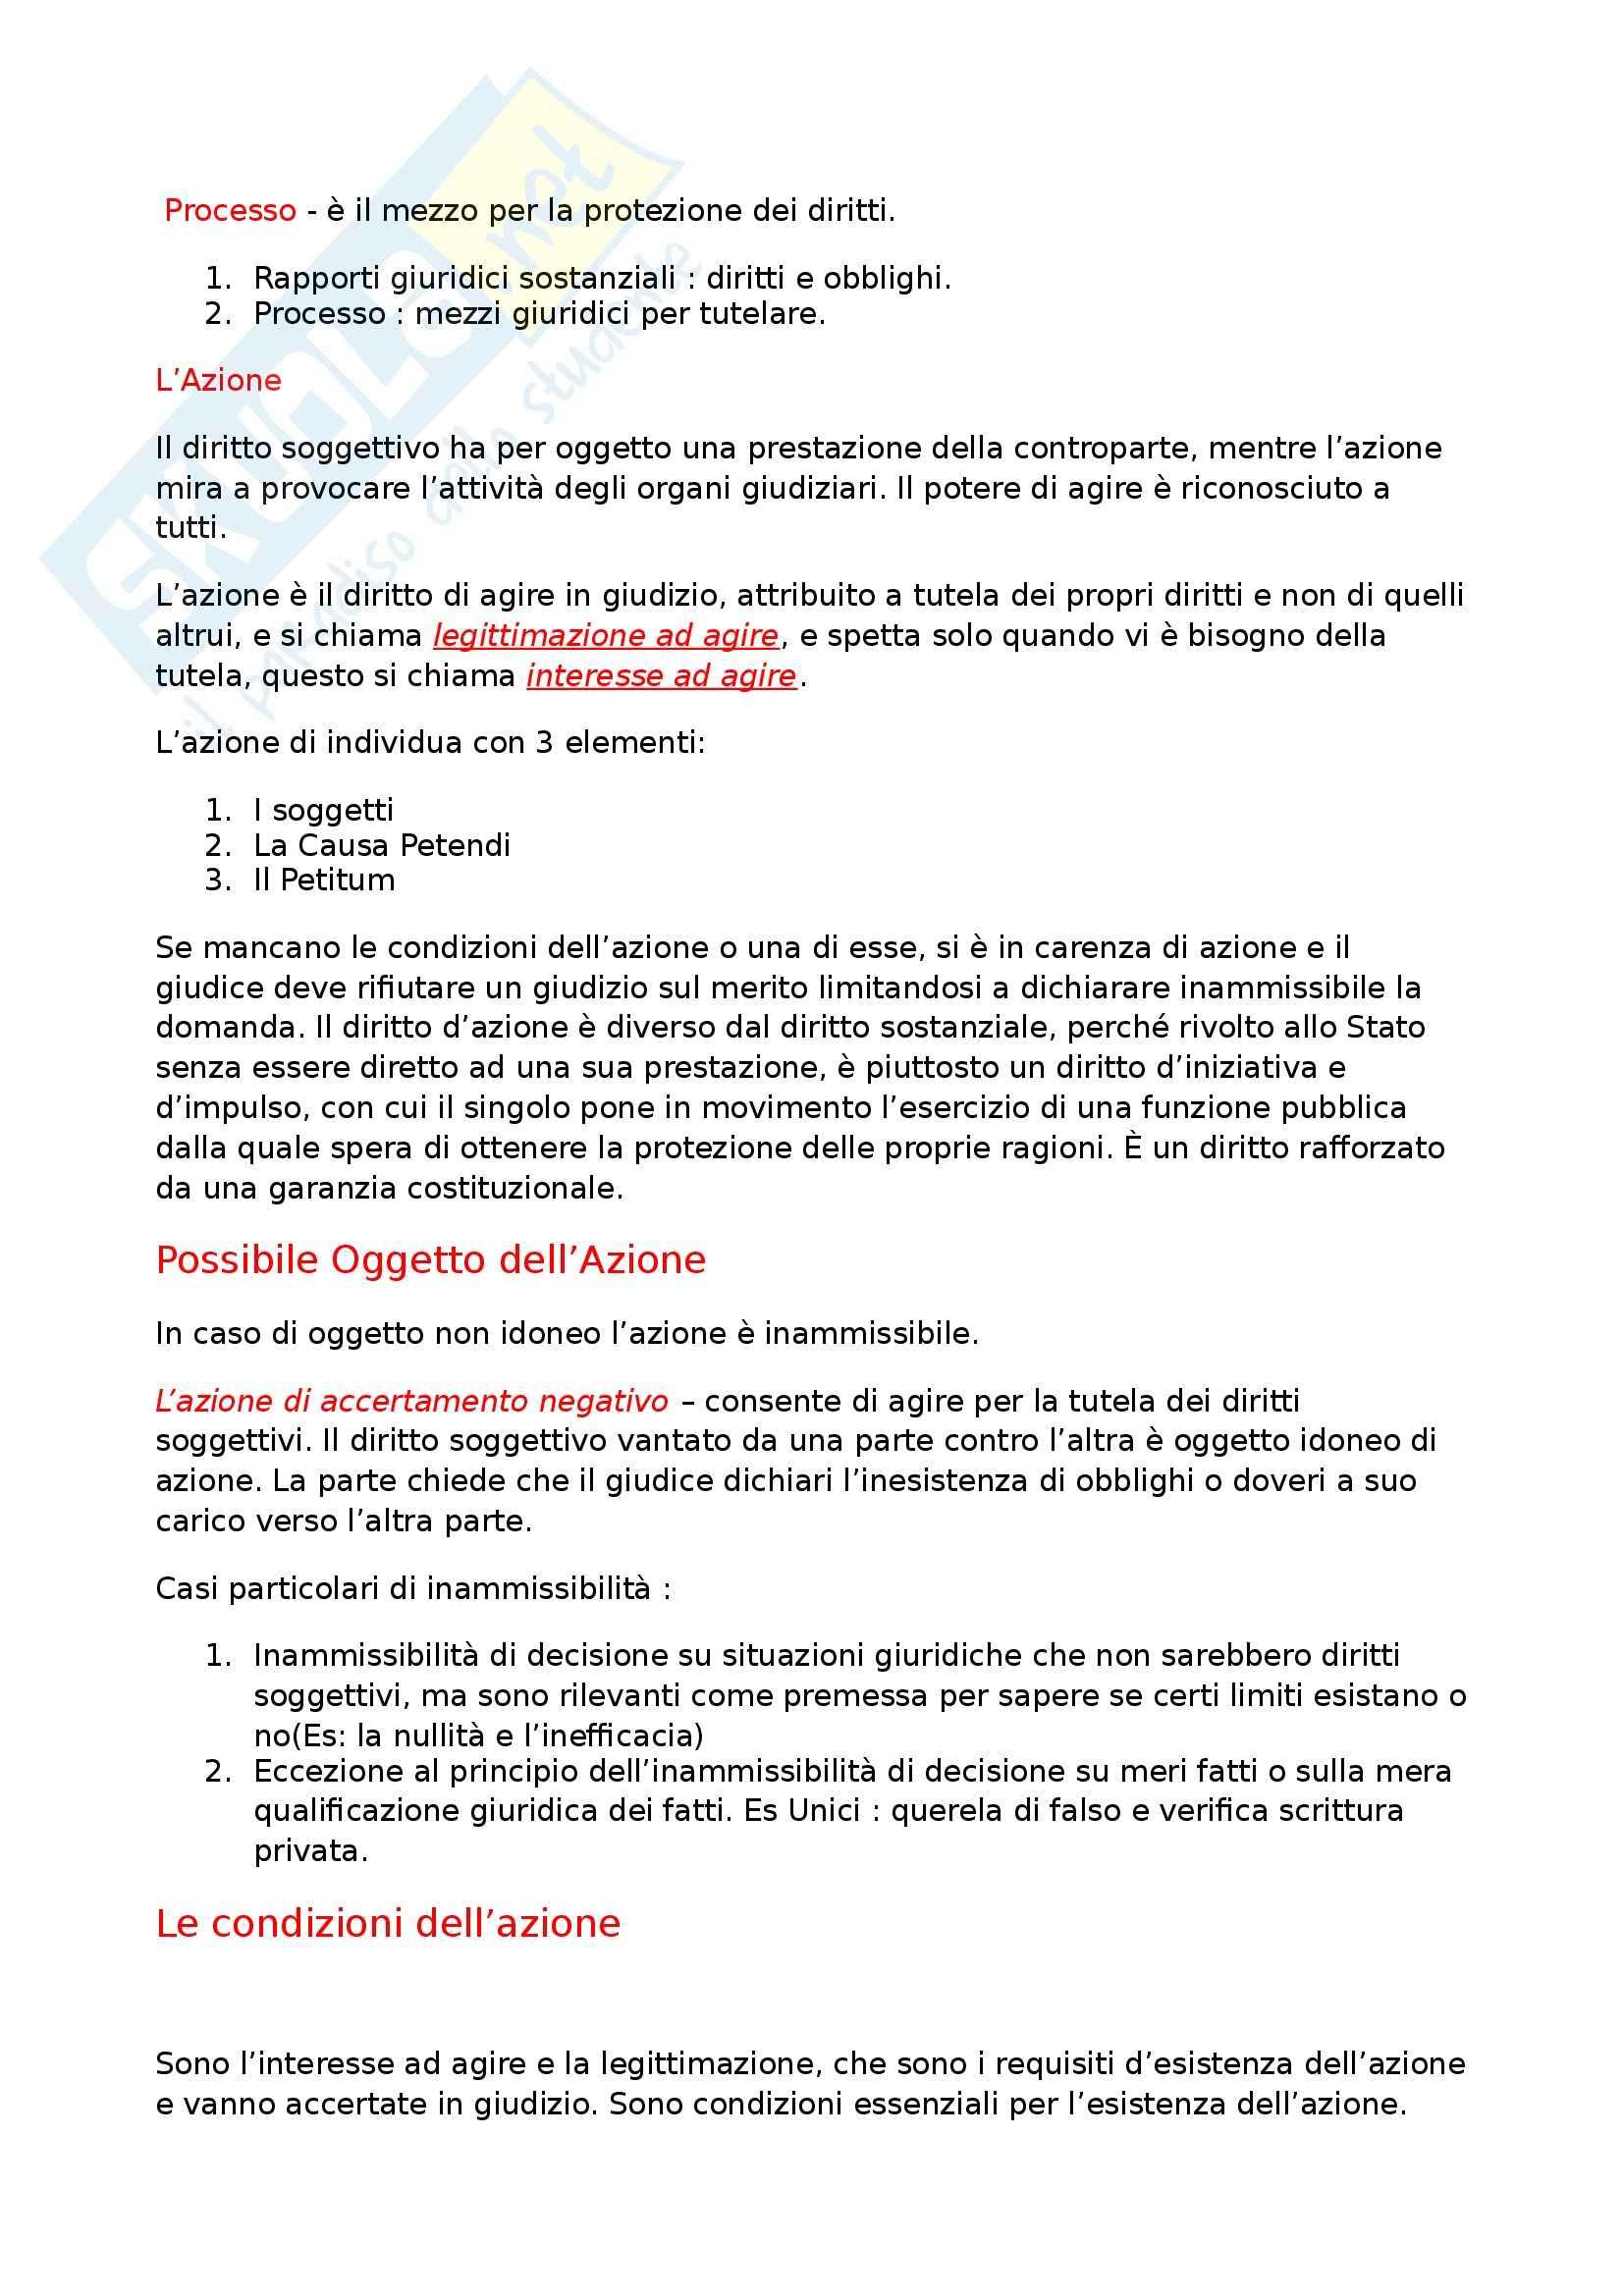 Riassunto esame Diritto Processuale Civile, prof. Maruffi, libro consigliato Diritto Processuale Civile di Tarzia Pag. 21